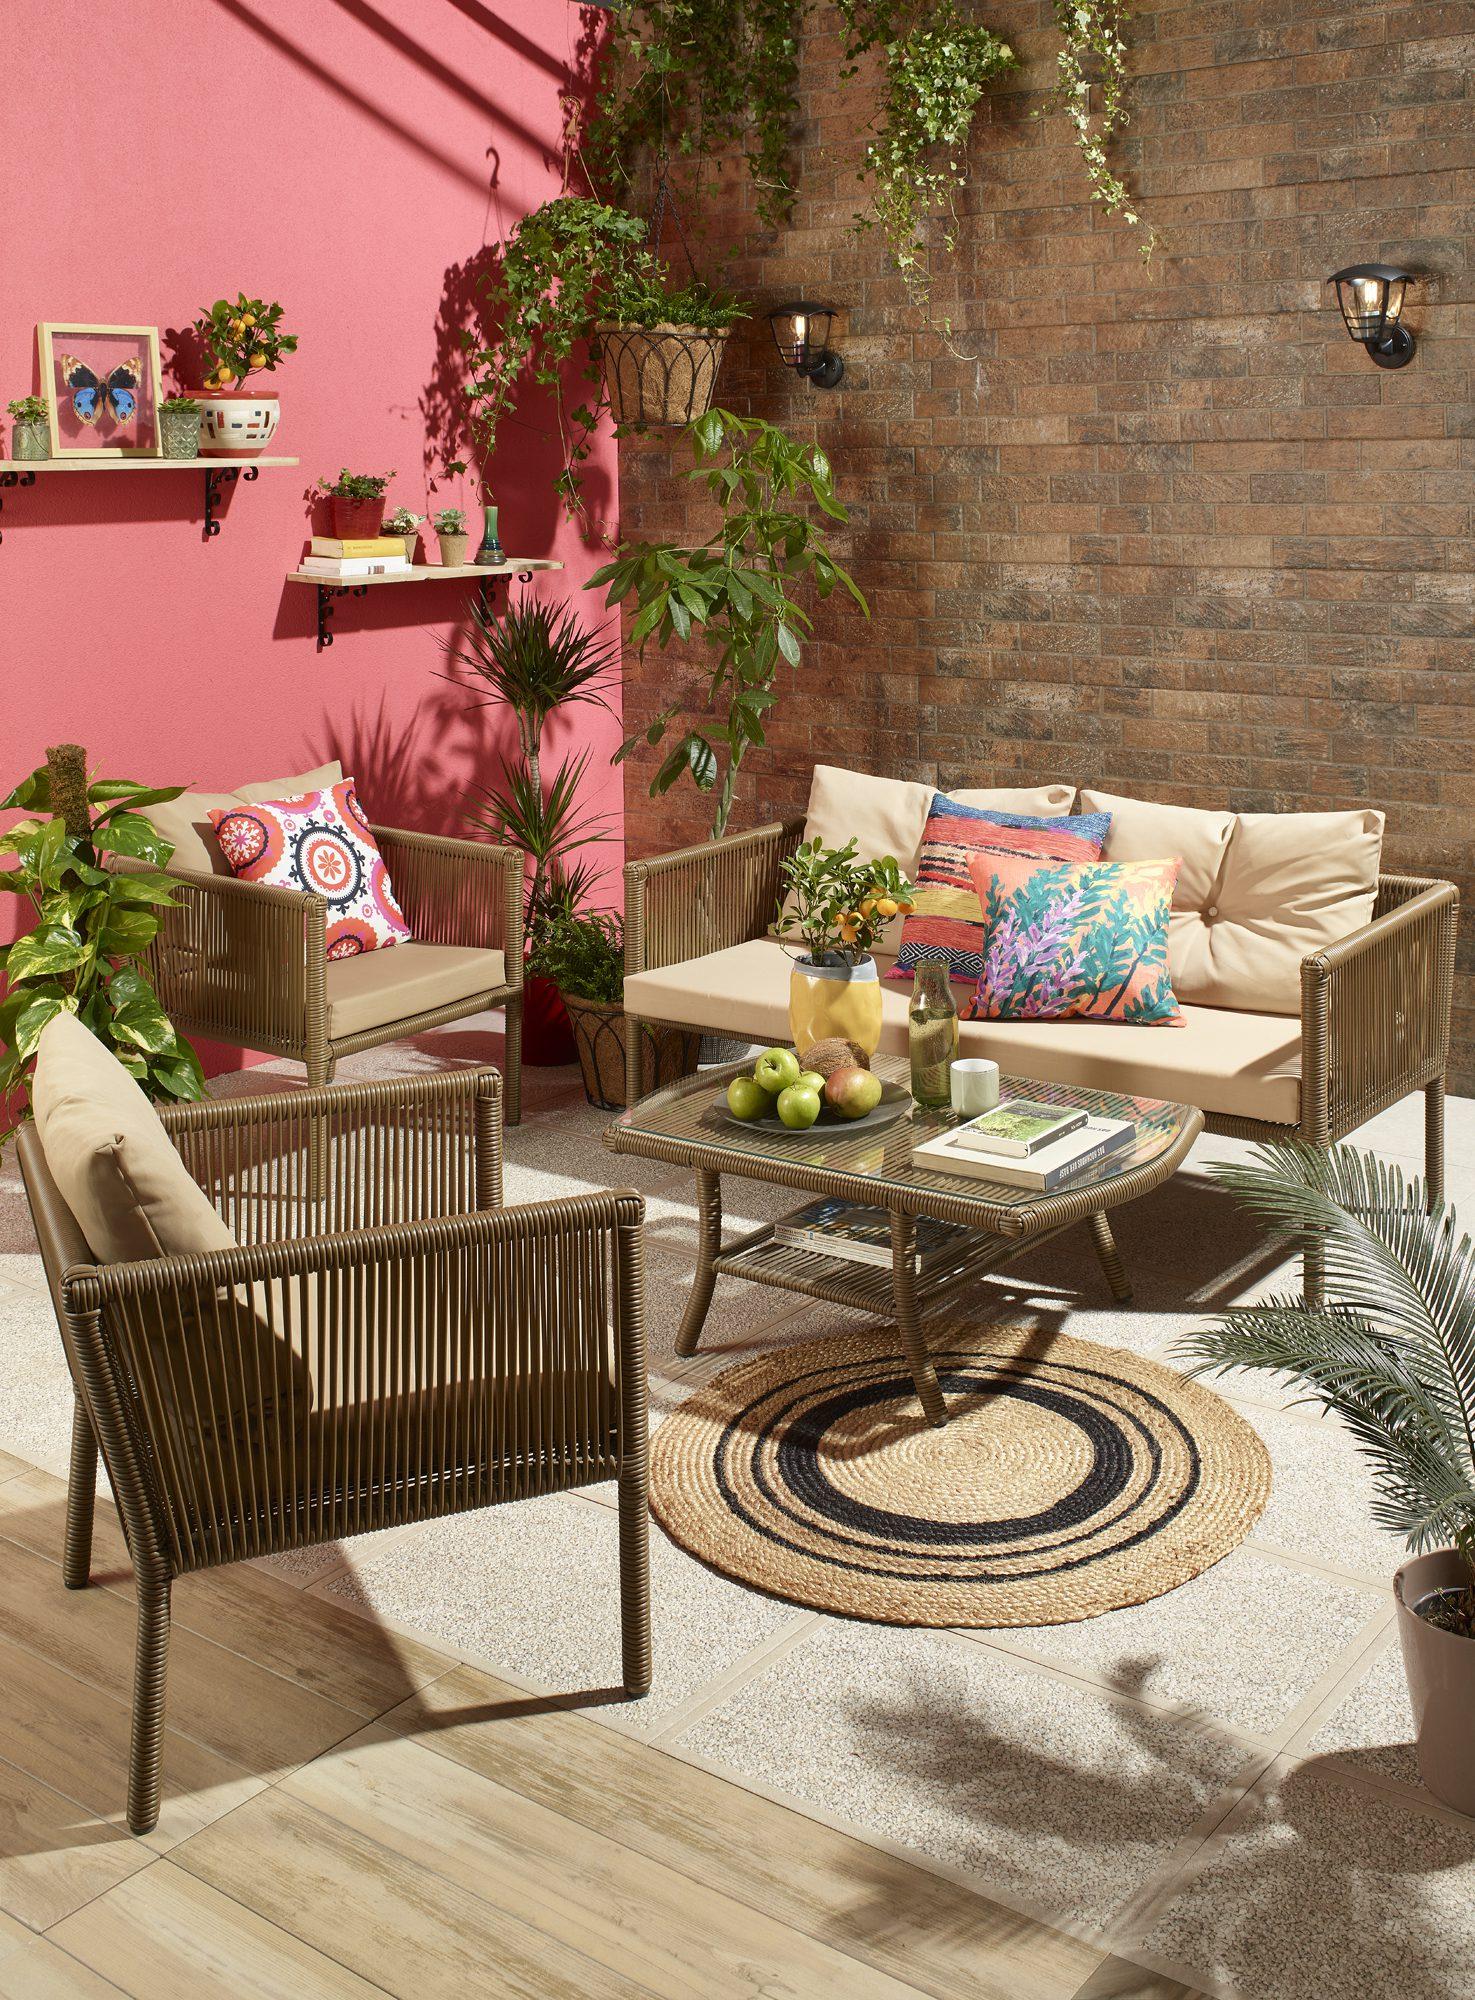 Rattan mobilyalar ile bahçenize renk katın.